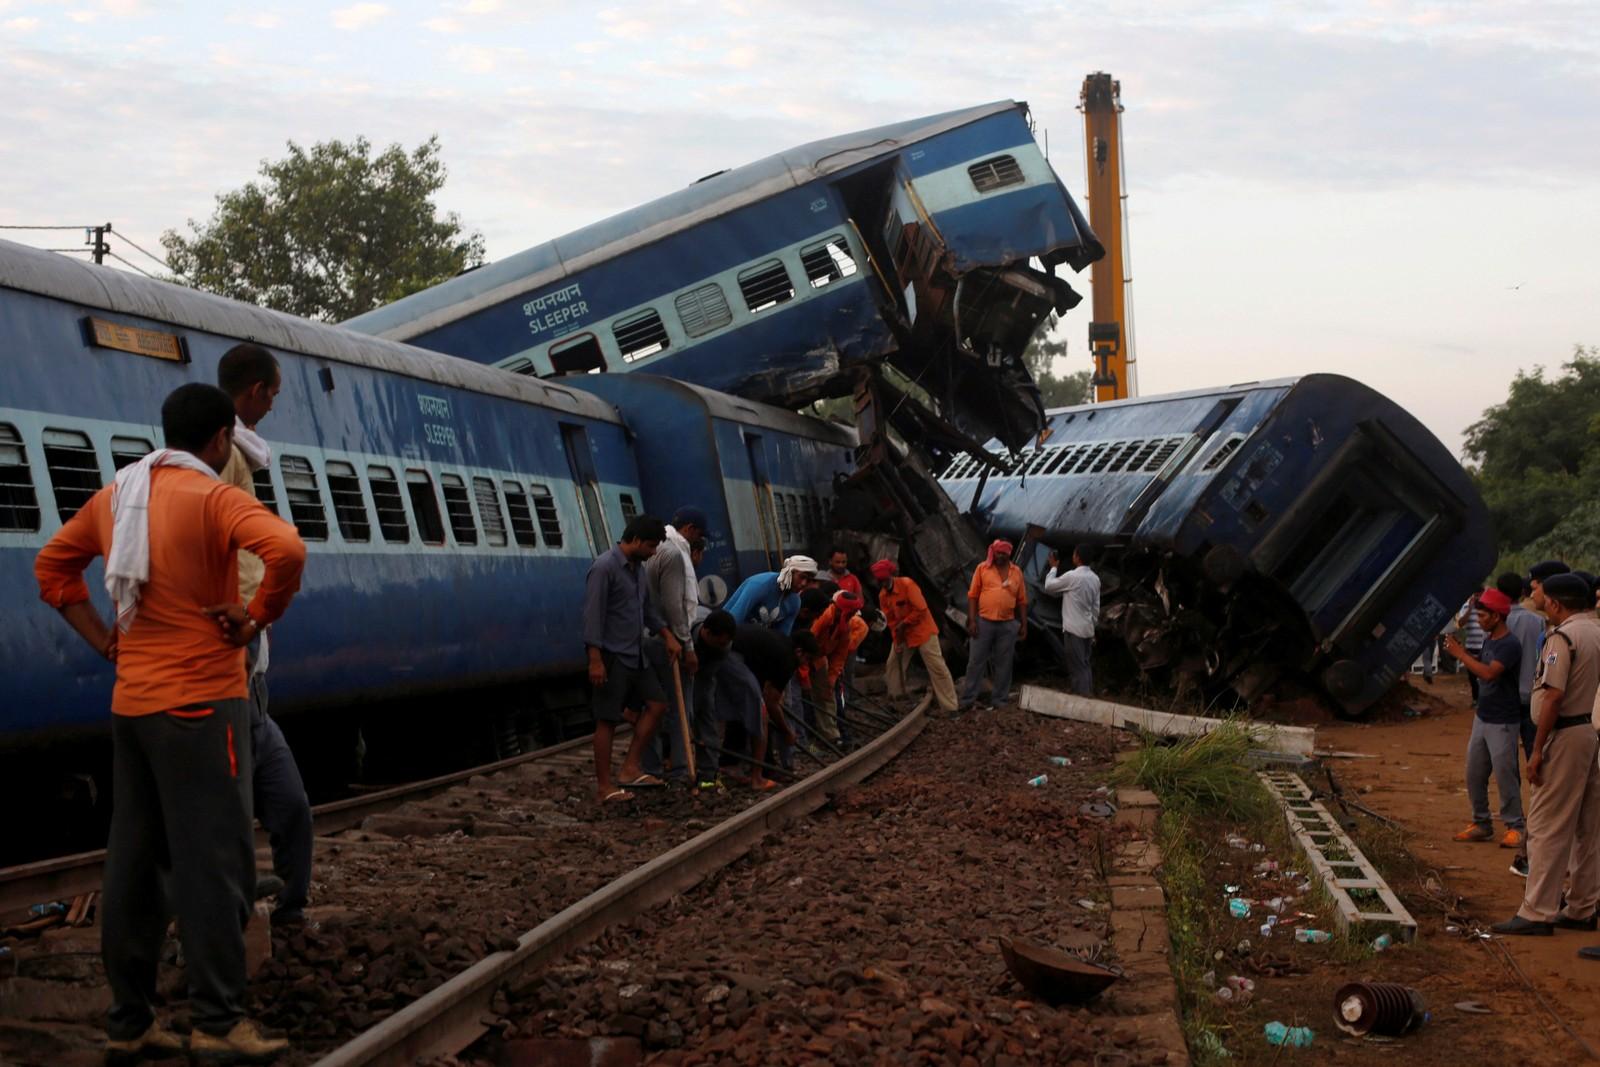 Minst 20 mennesker mista livet og over 70 ble skadd da to tog kolliderte i Khatauli, India forrige helg.